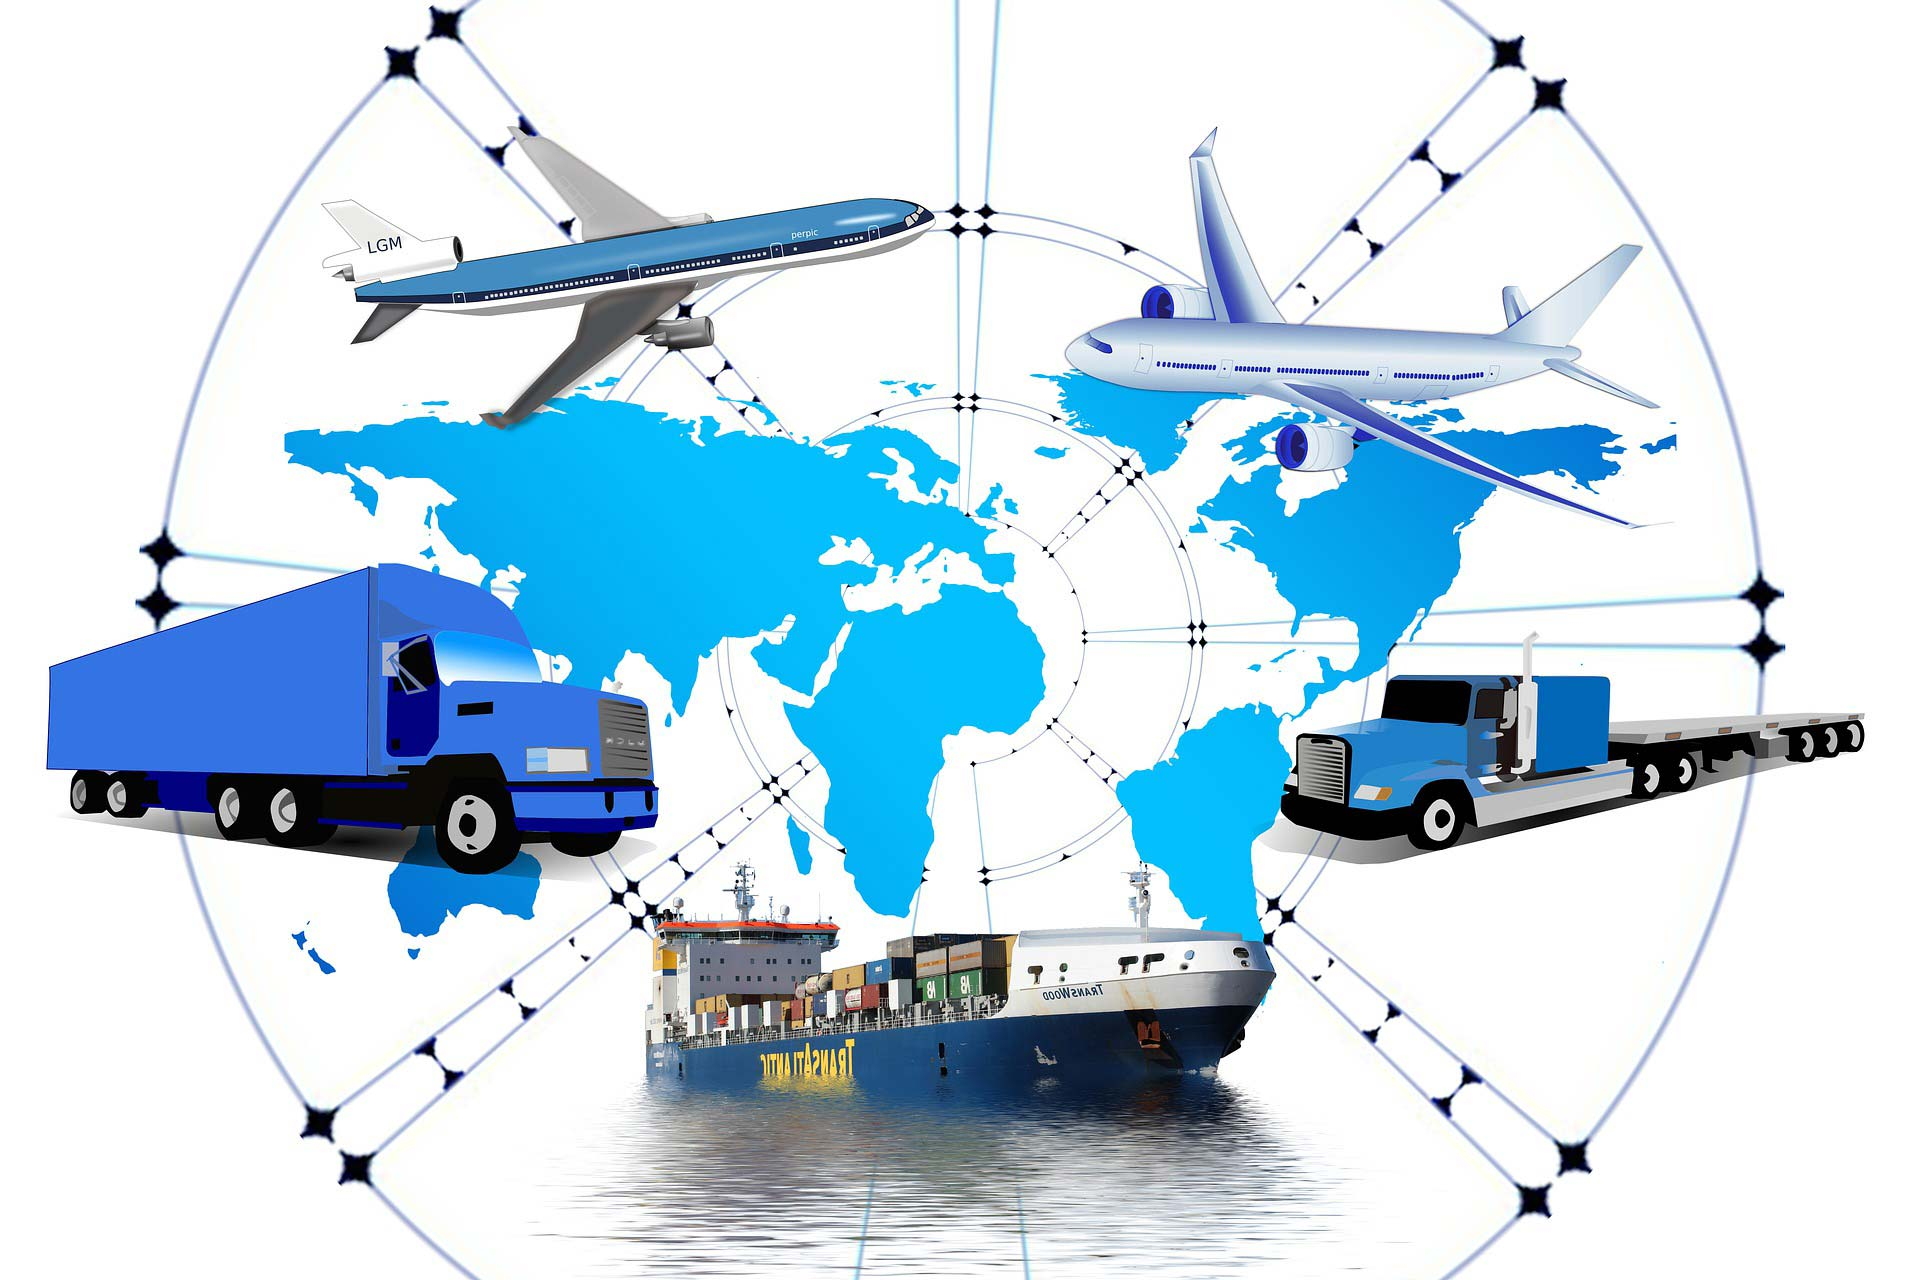 Trasporto e logistica nella pandemia 002 1920x1080 small